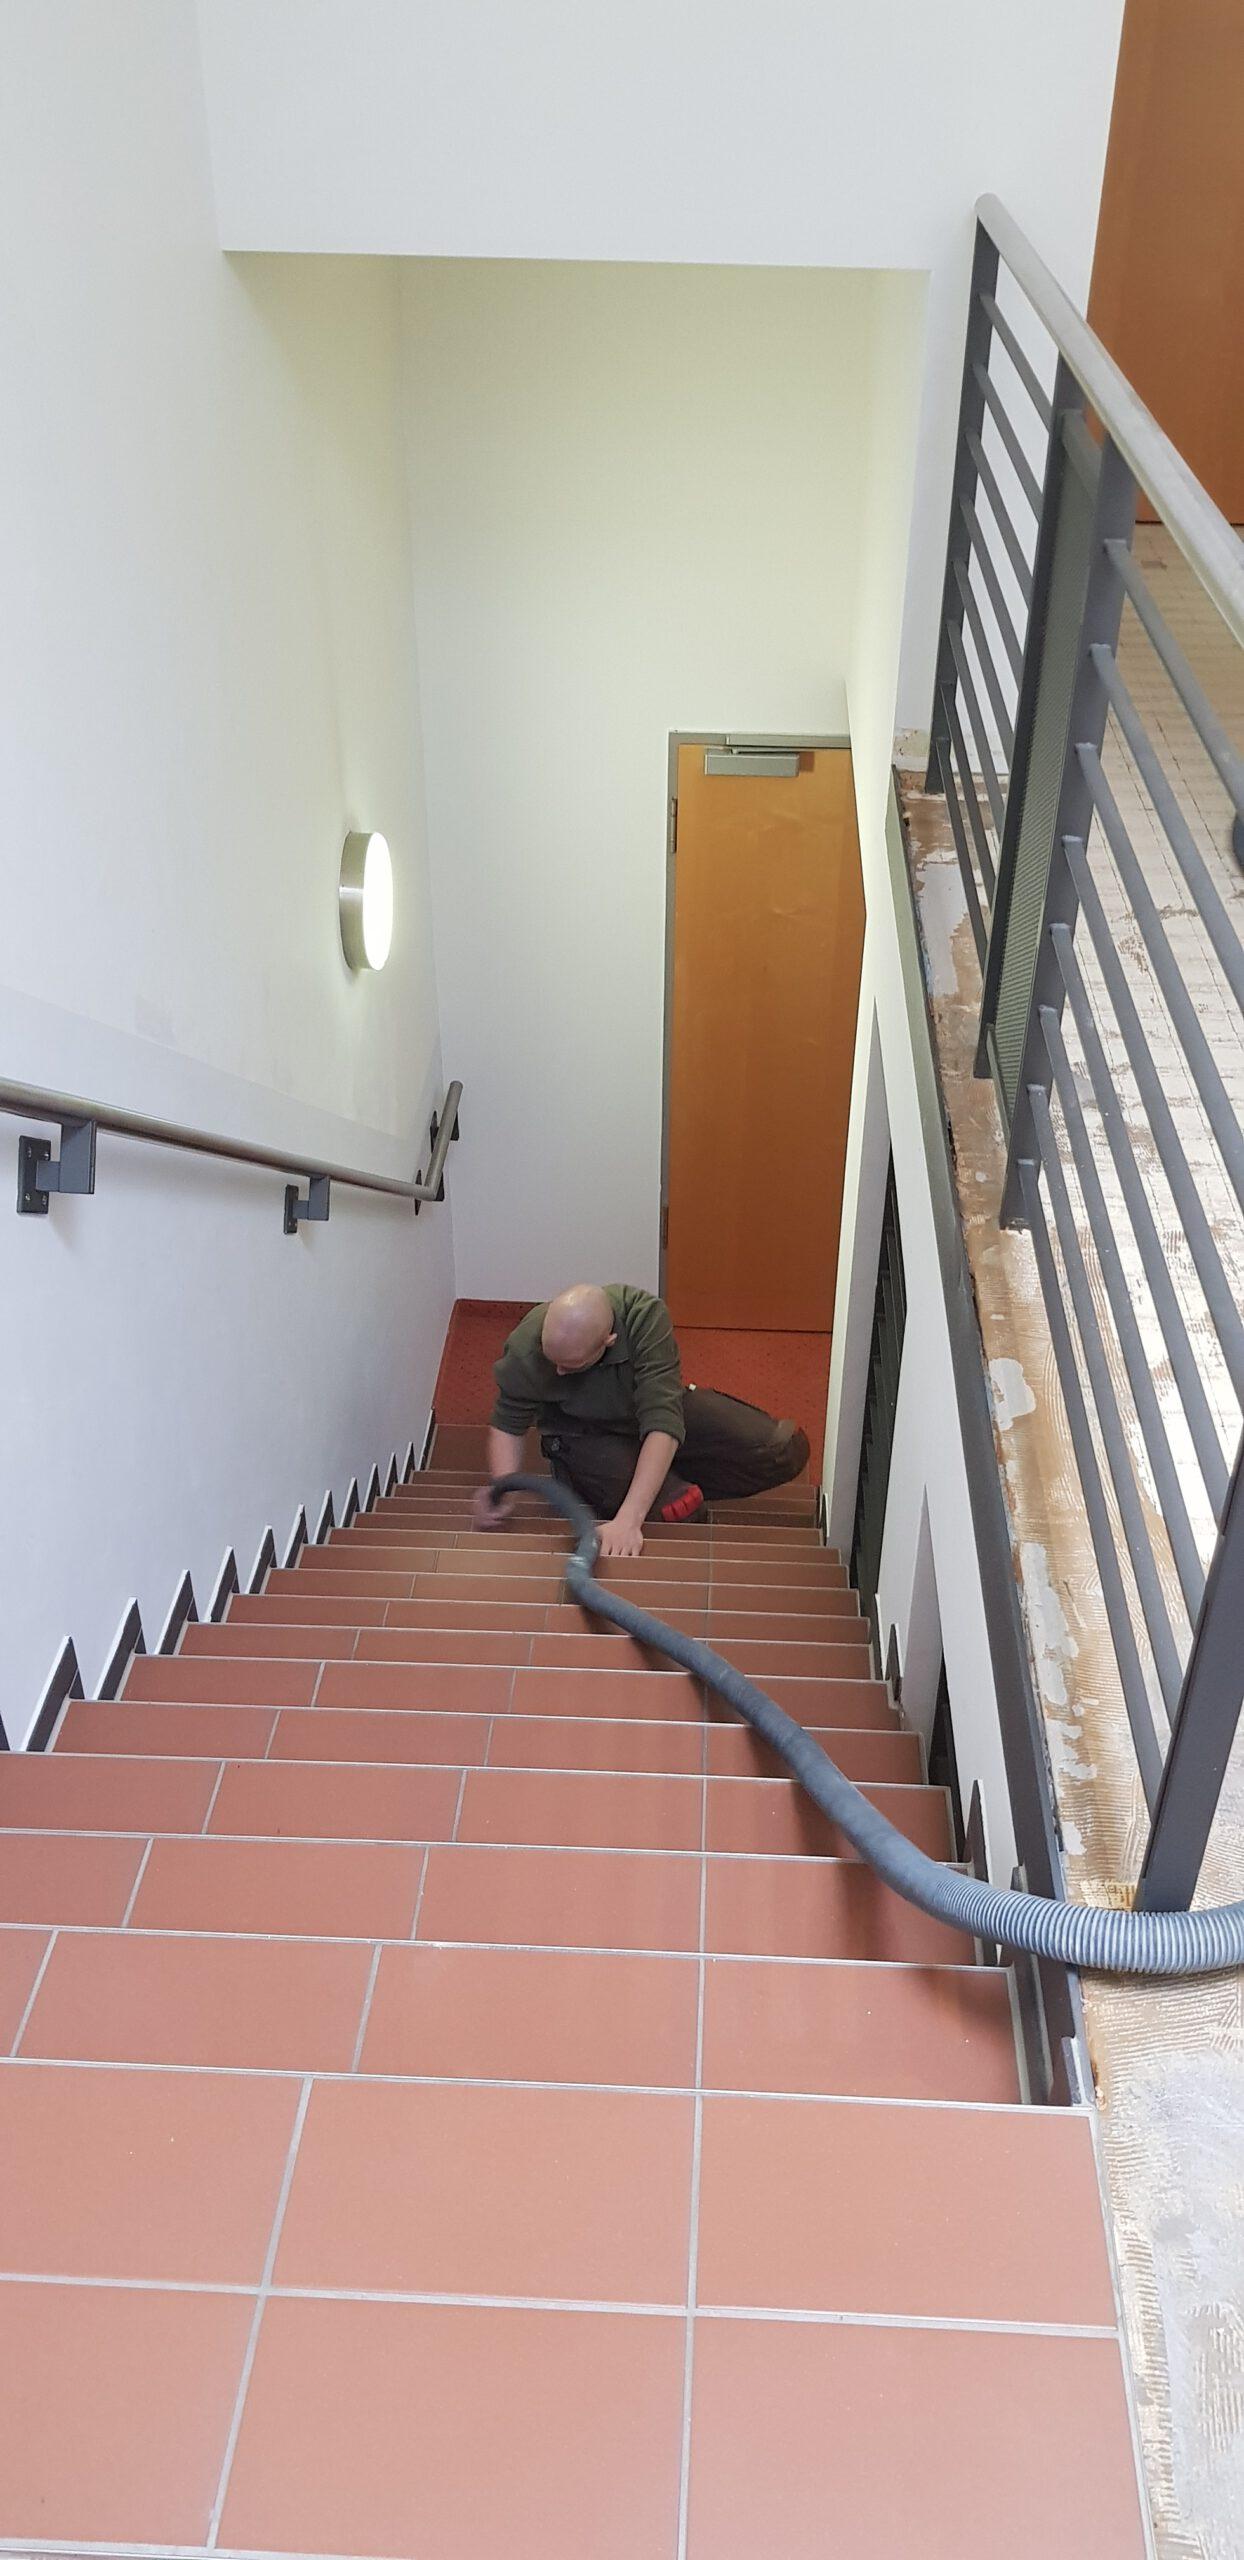 Treppenstufen in Vorbereitung für das Verkleben